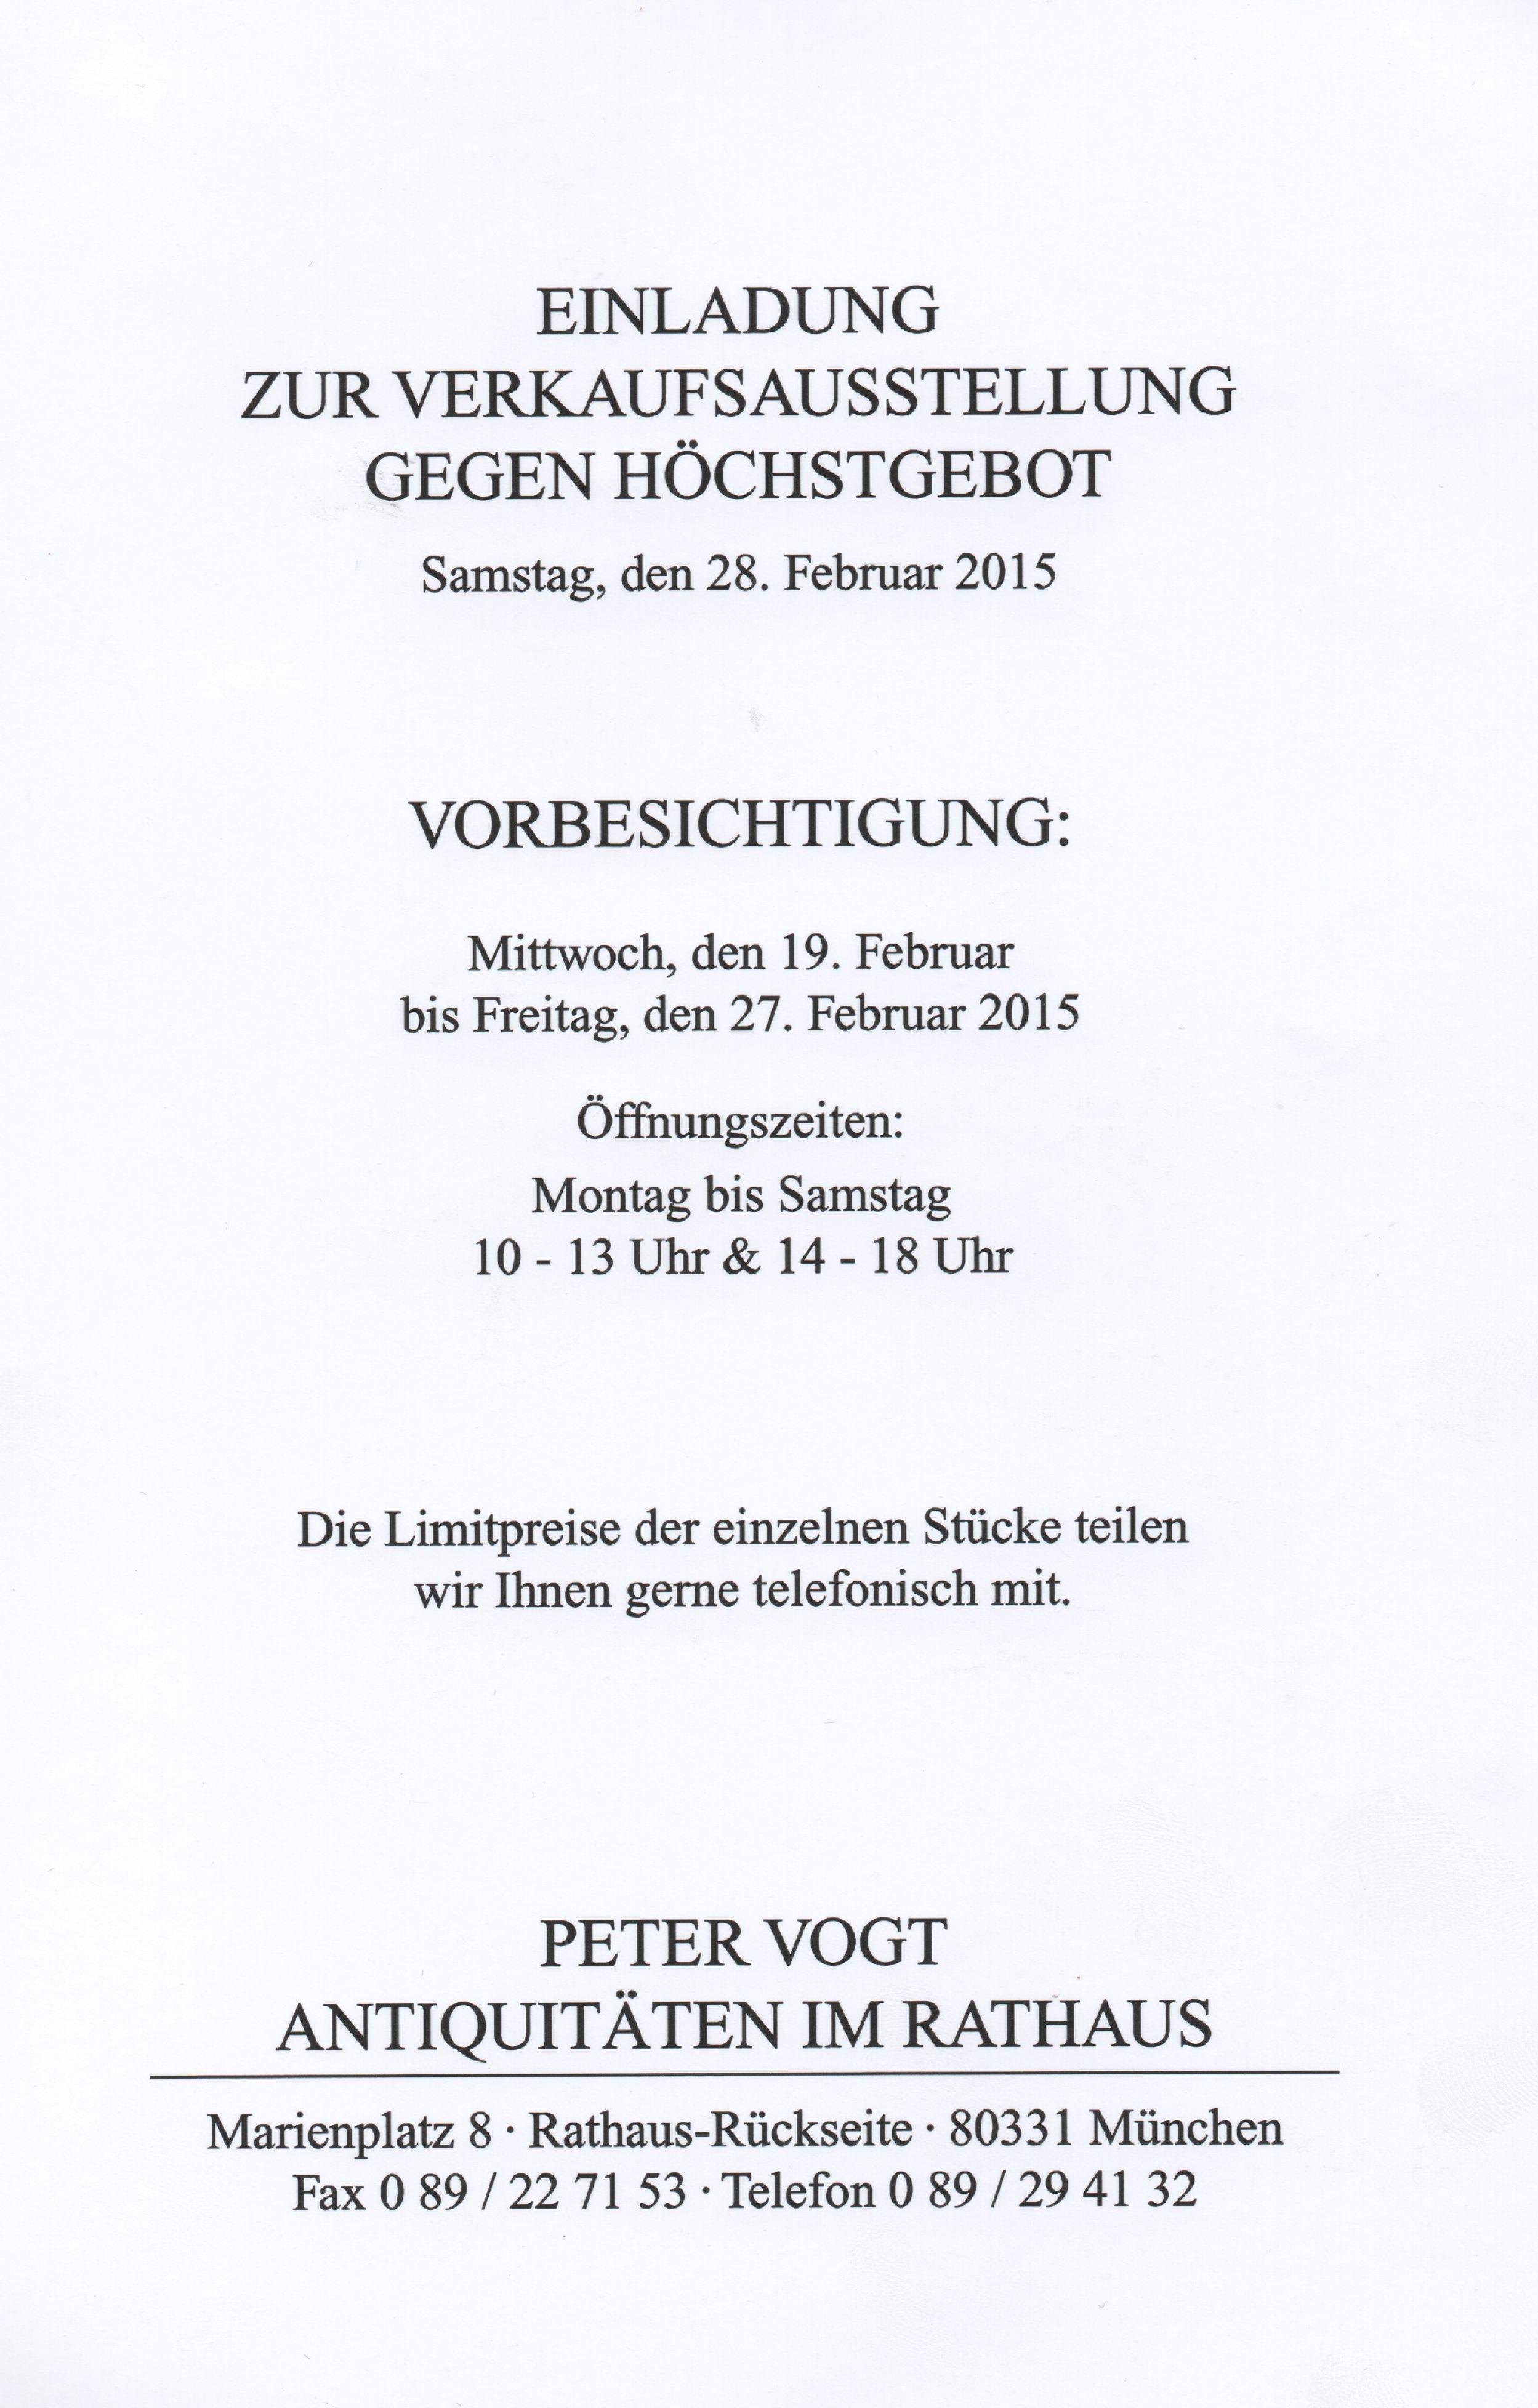 Einladung Verkaufssaustellung Peter Vogt Fayence Steinzeug